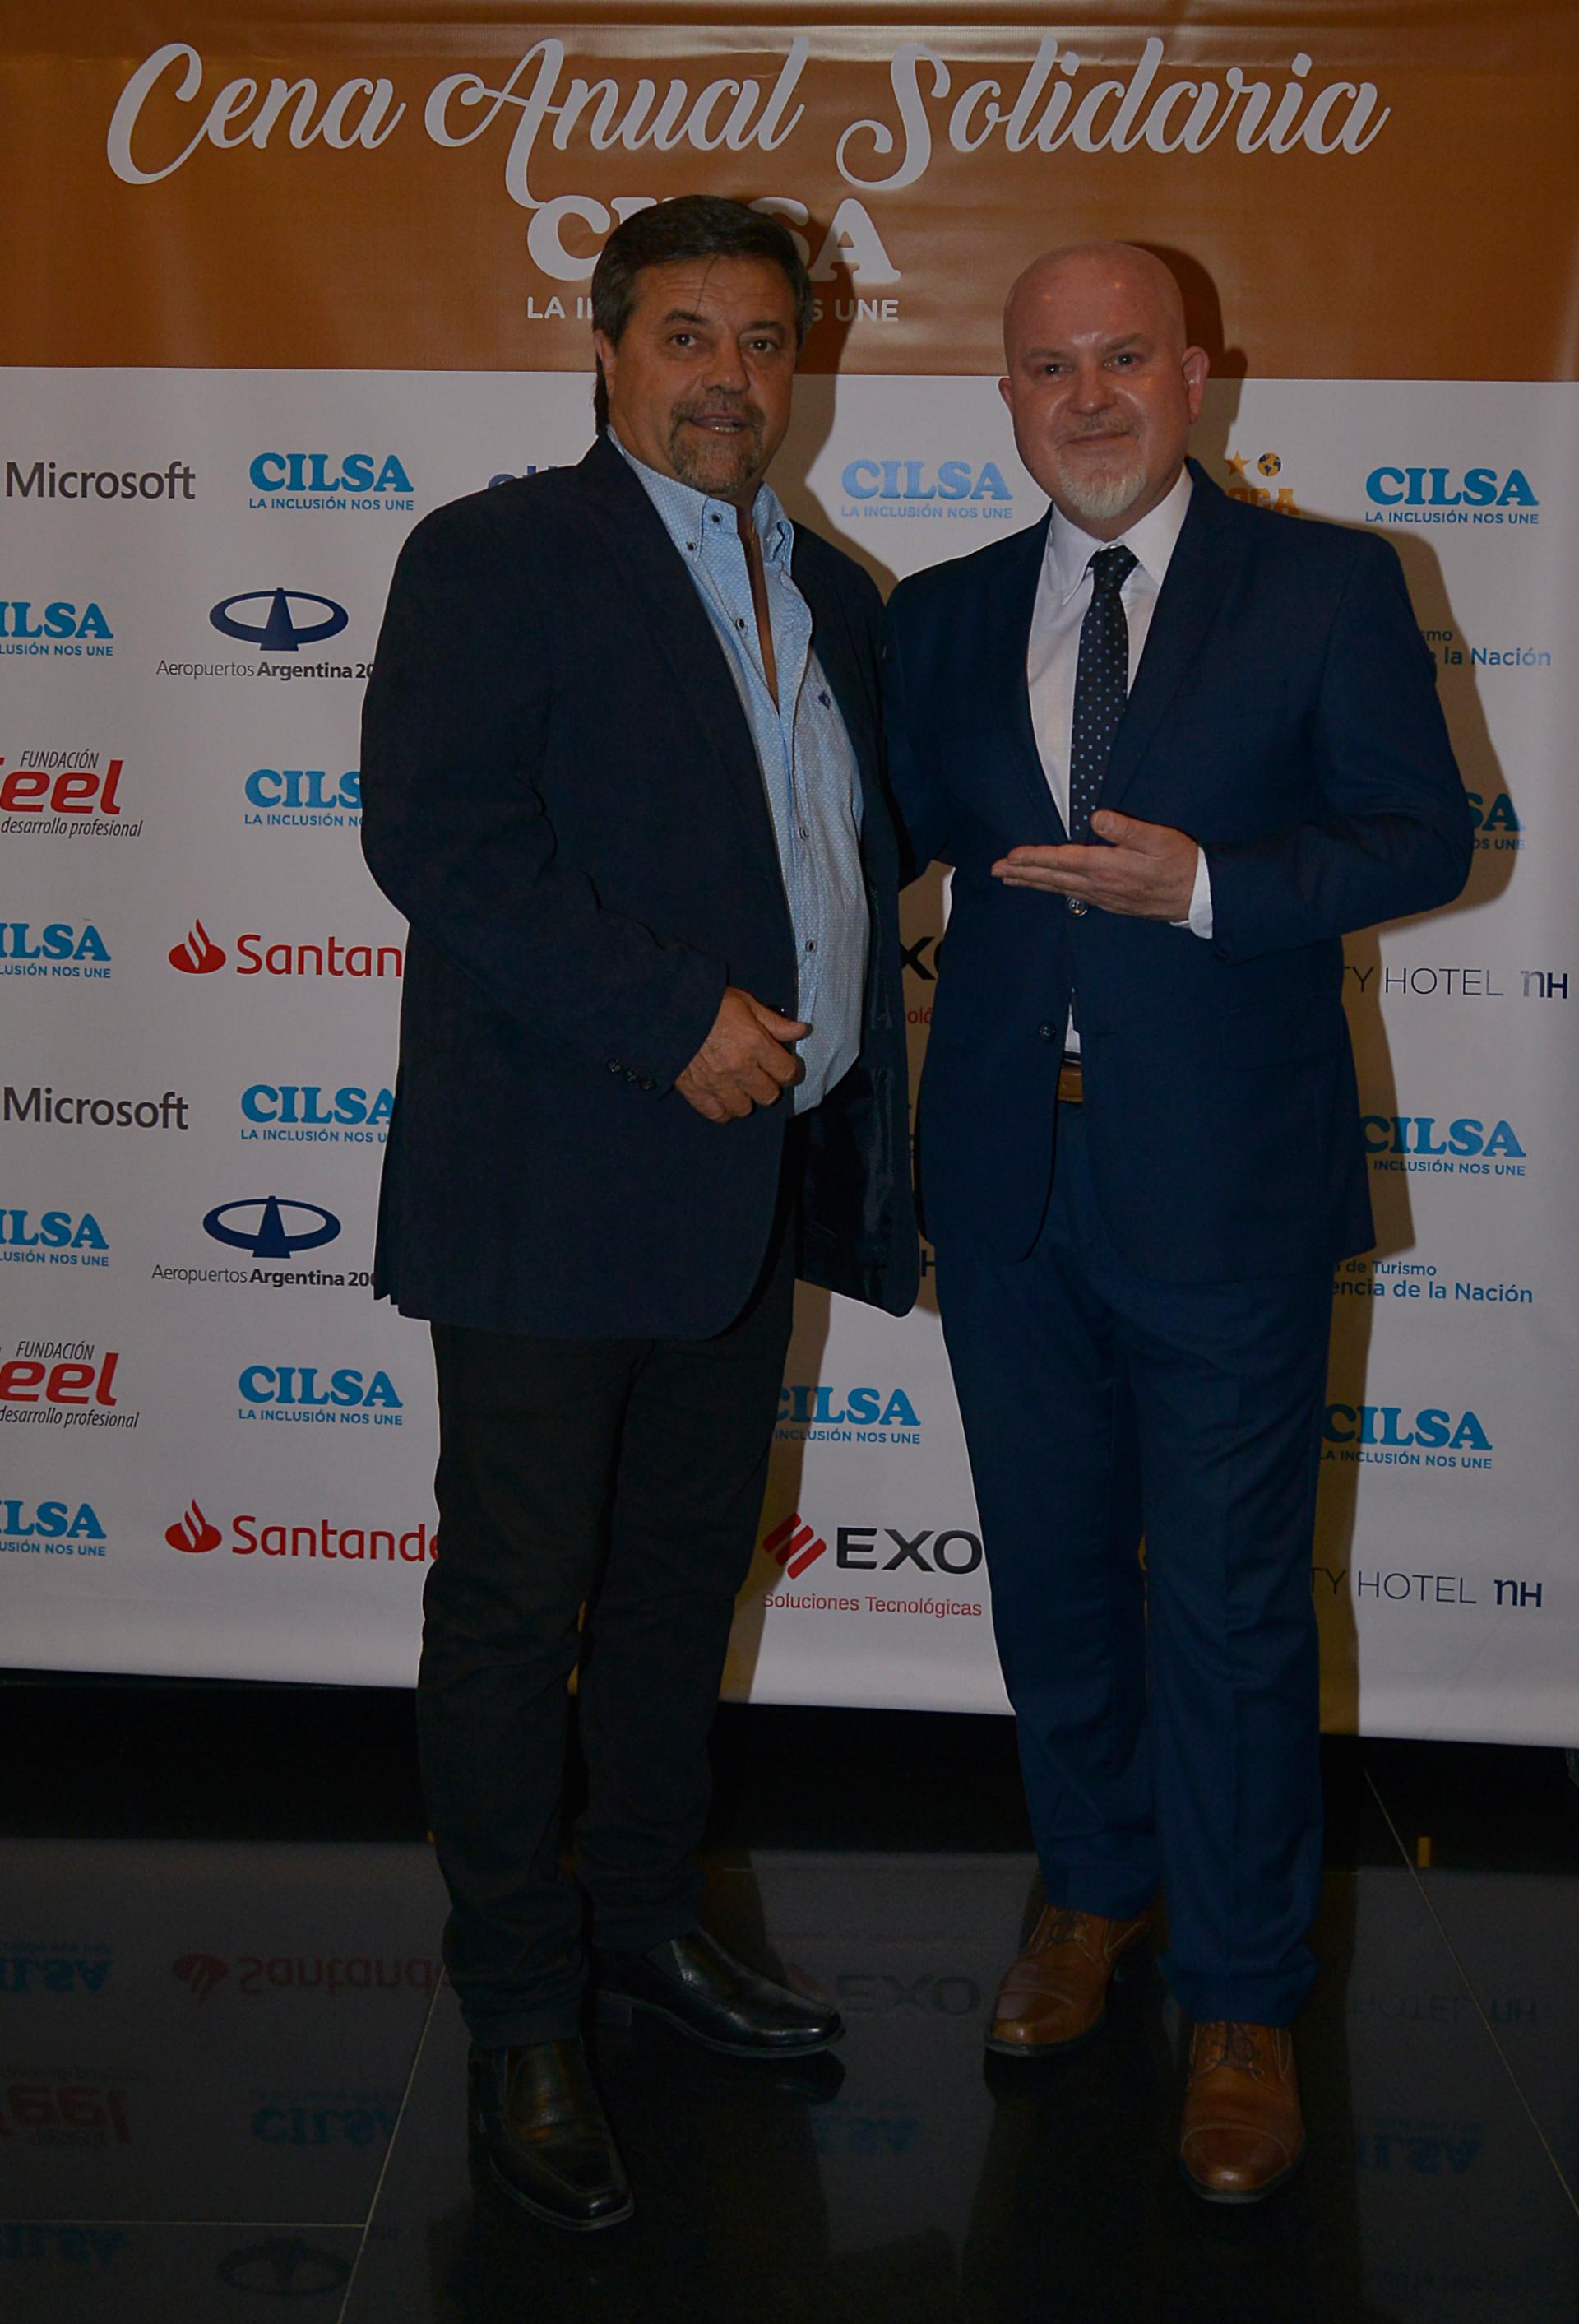 Ricardo Caruso Lombardi junto a Juan Ignacio Penlowskyj (prensa de CILSA)